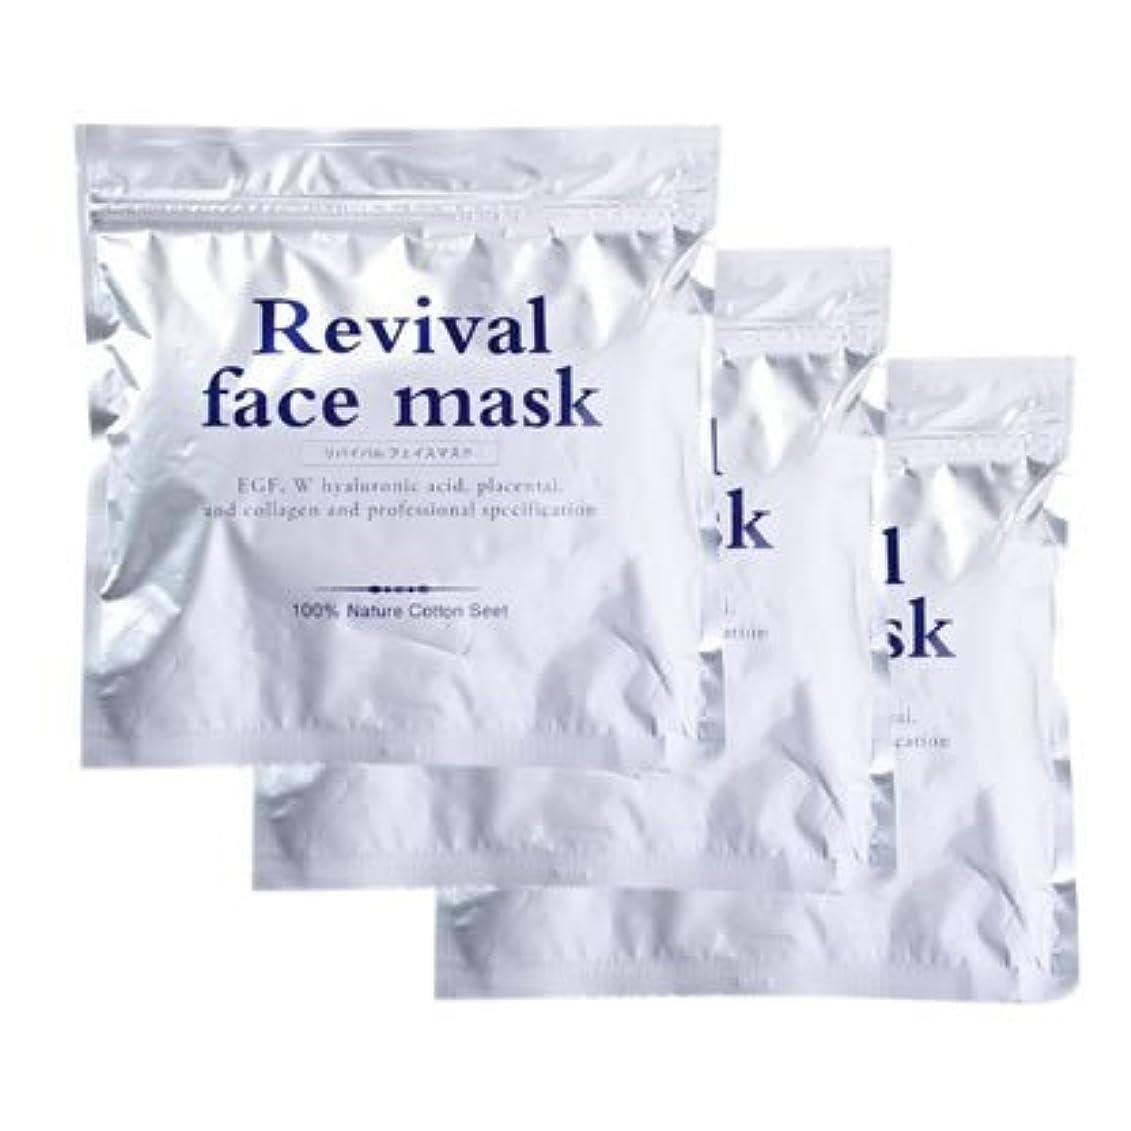 抜け目がない人気バクテリアリバイバルフェイスマスク 90枚セット(30枚×3袋)